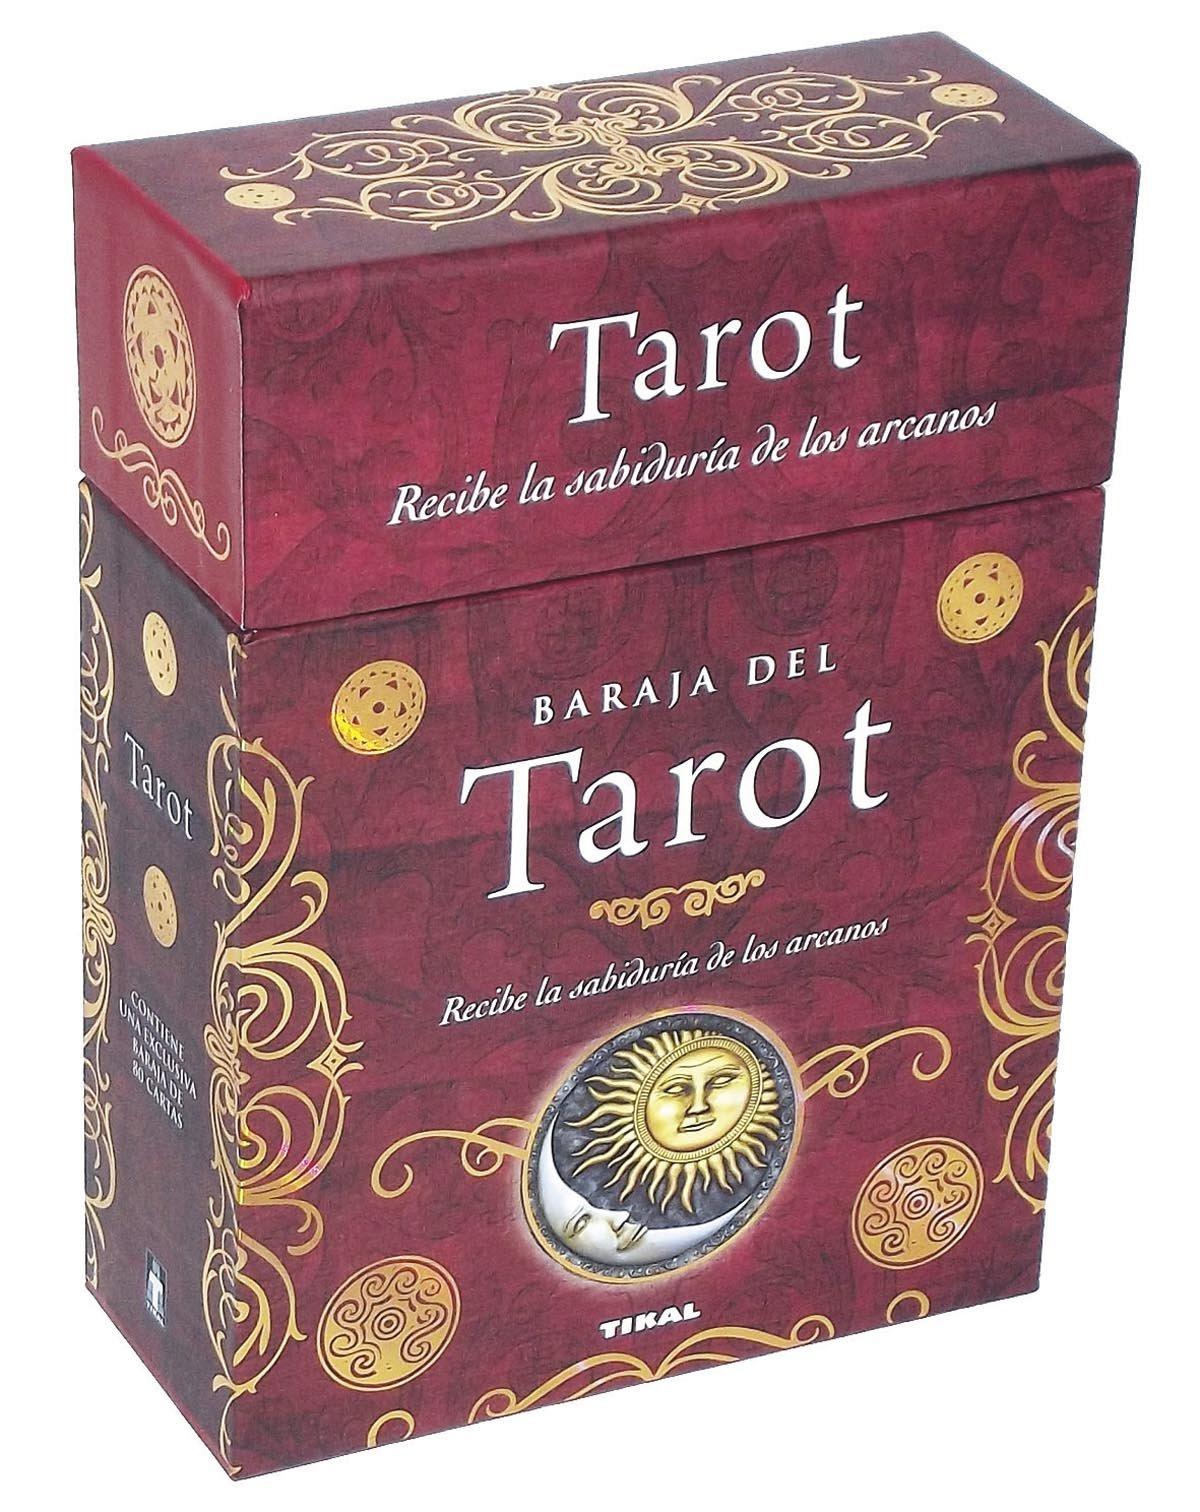 Tarot (Barajas): Amazon.es: Equipo Tikal: Libros